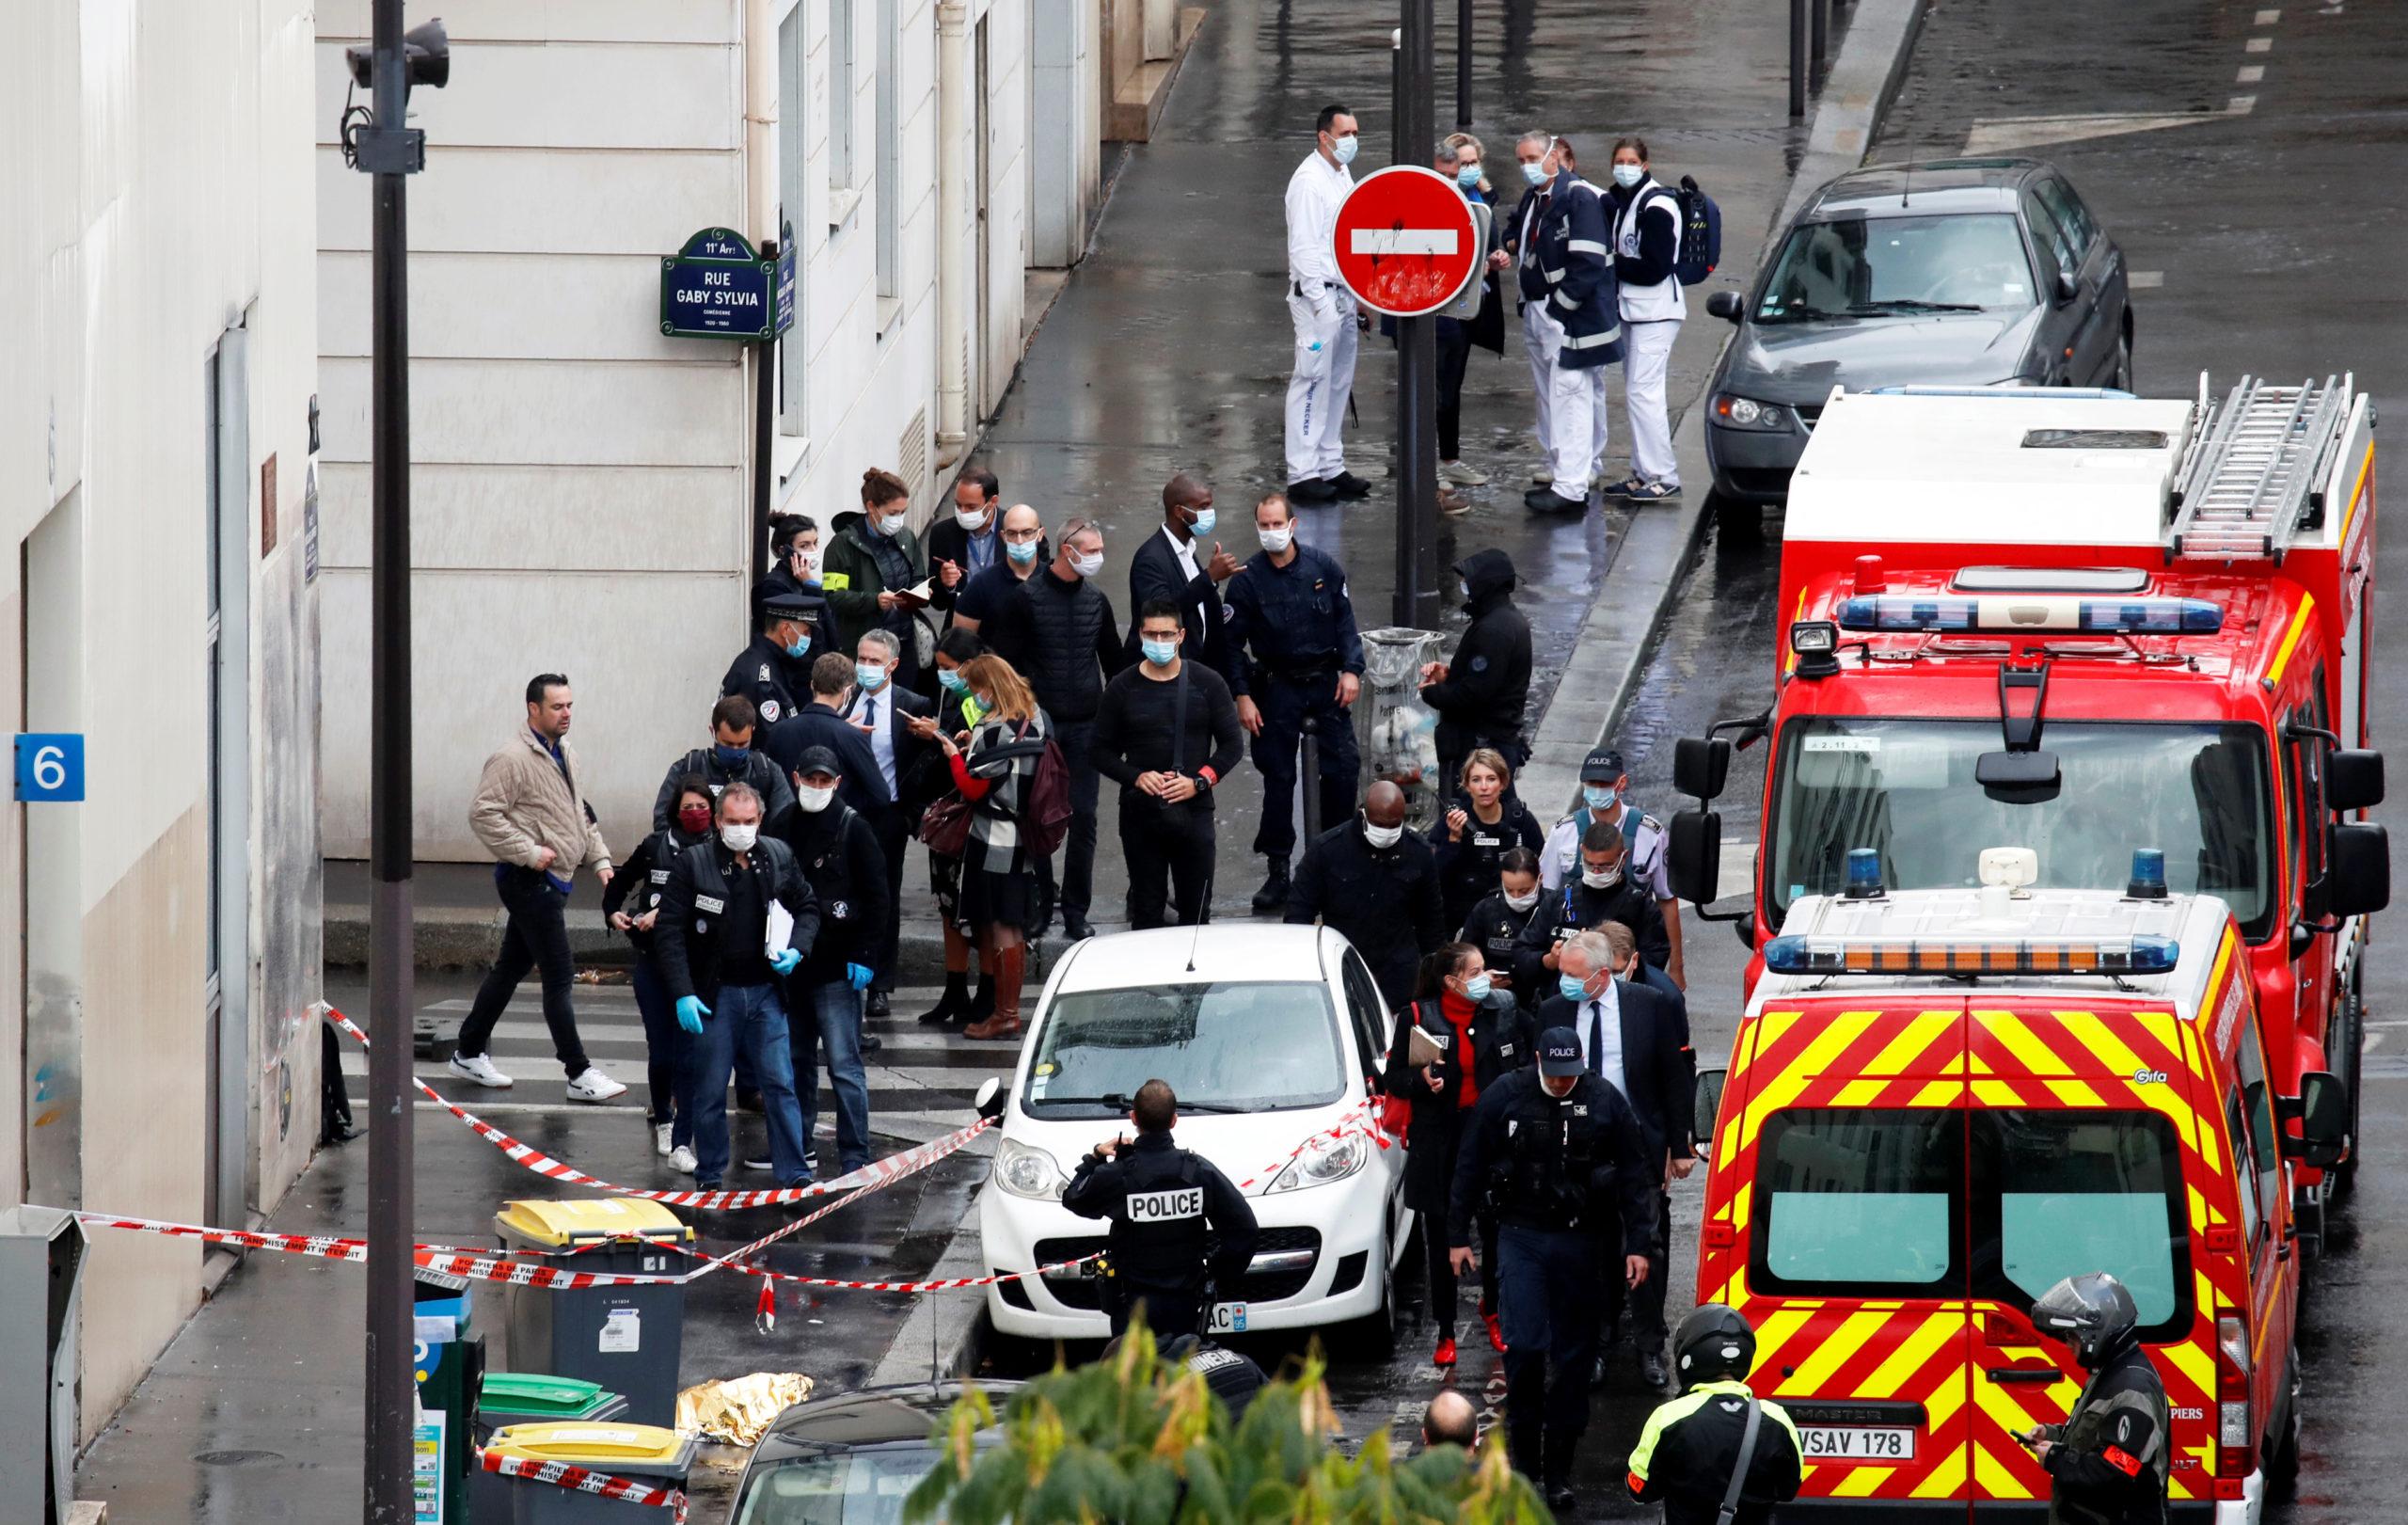 Attaque devant les anciens locaux de Charlie Hebdo, deux blessés, l'auteur arrêté